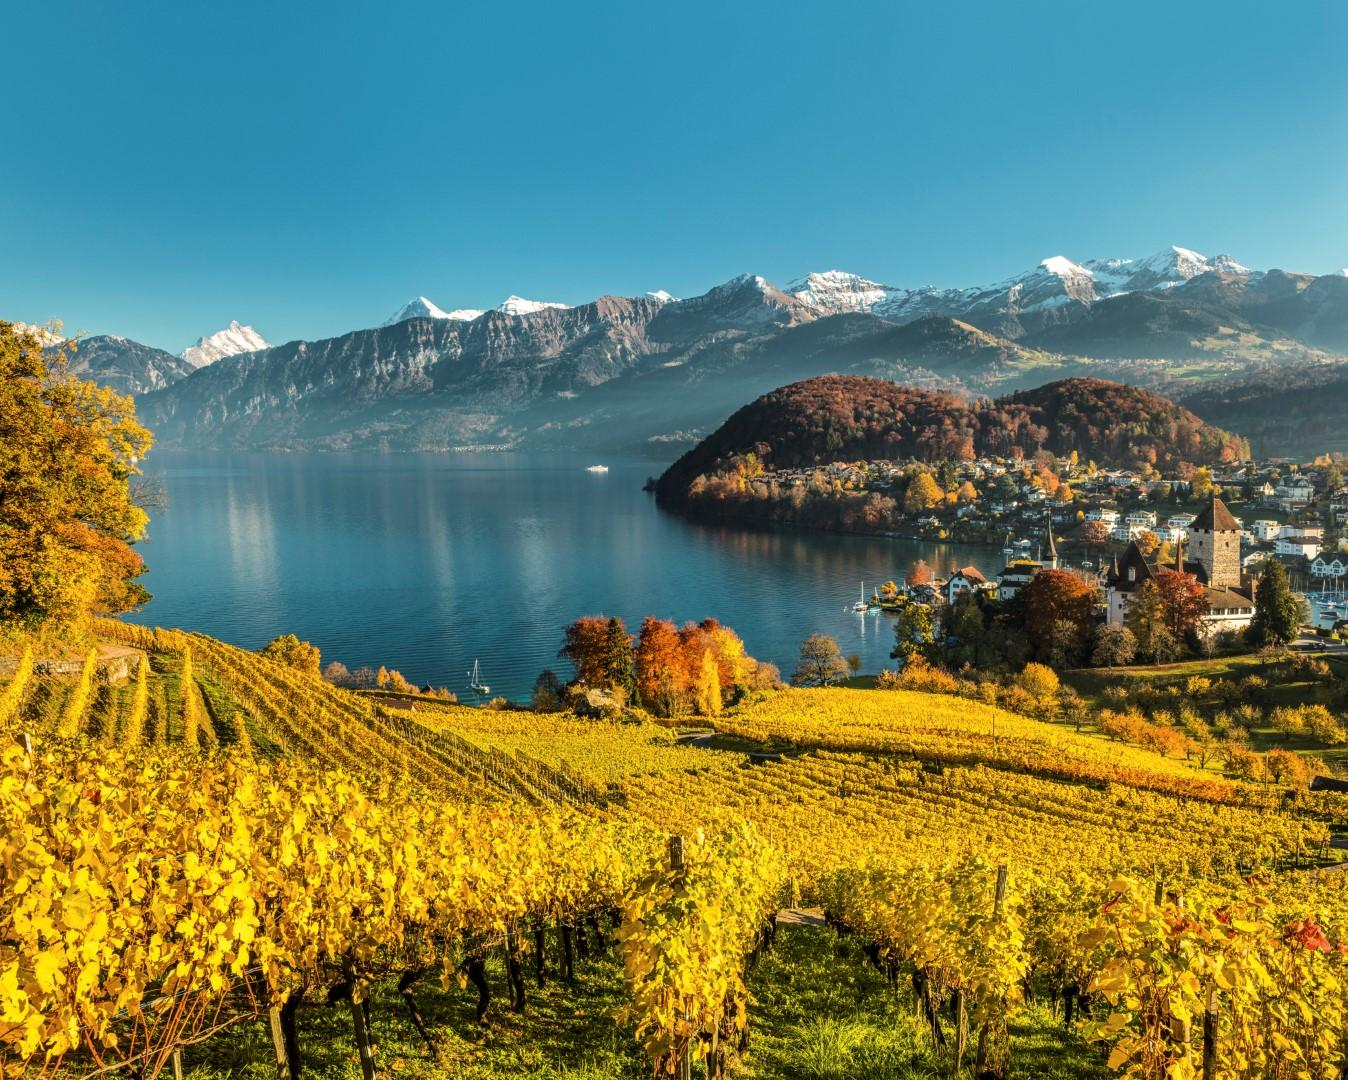 In Svizzera per l enoturismo, l'autunno da bere